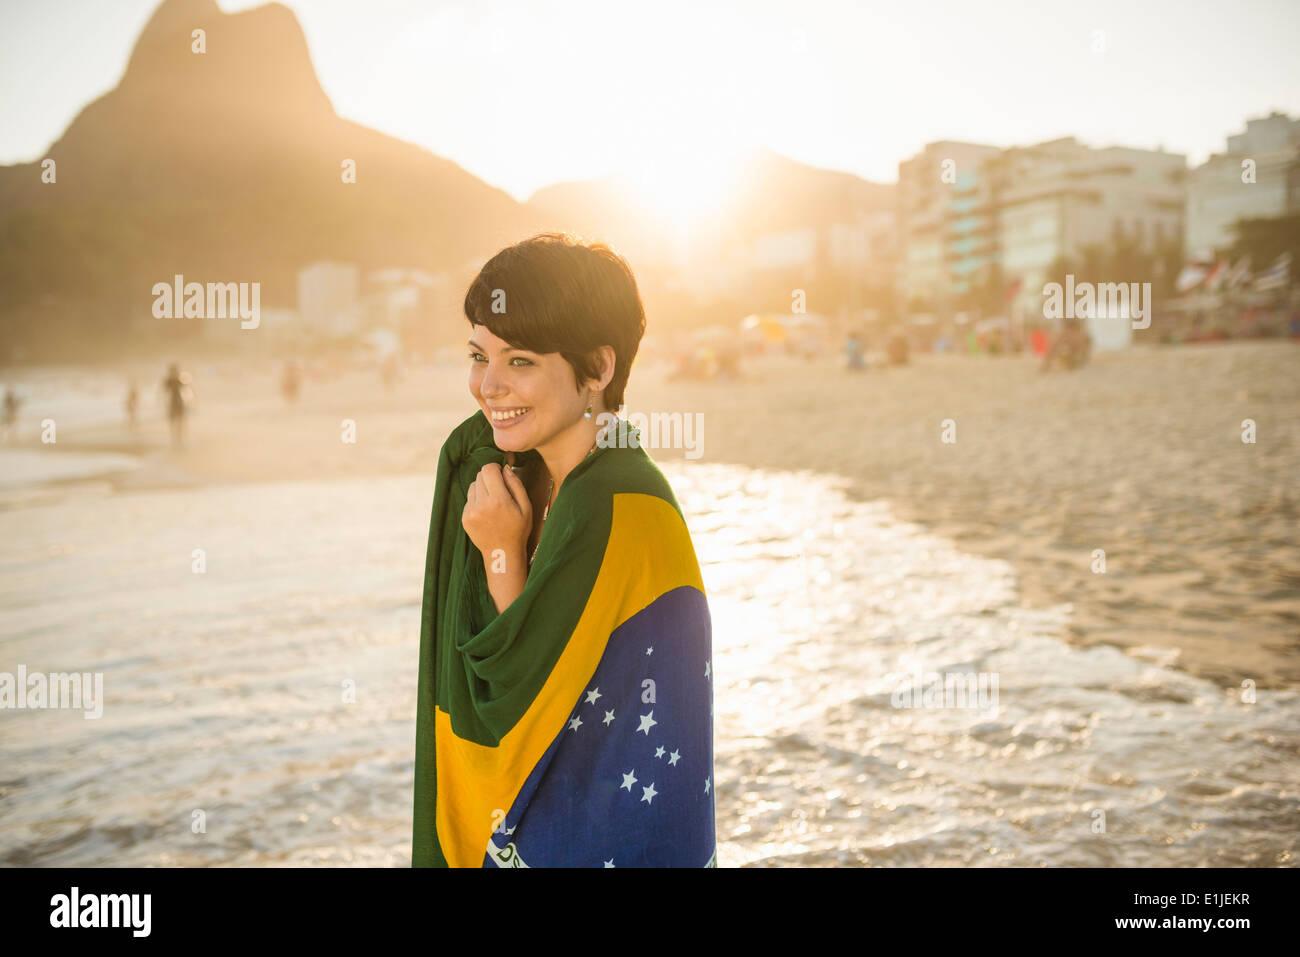 Giovane donna avvolta nella bandiera brasiliana, la spiaggia di Ipanema, Rio, Brasile Immagini Stock